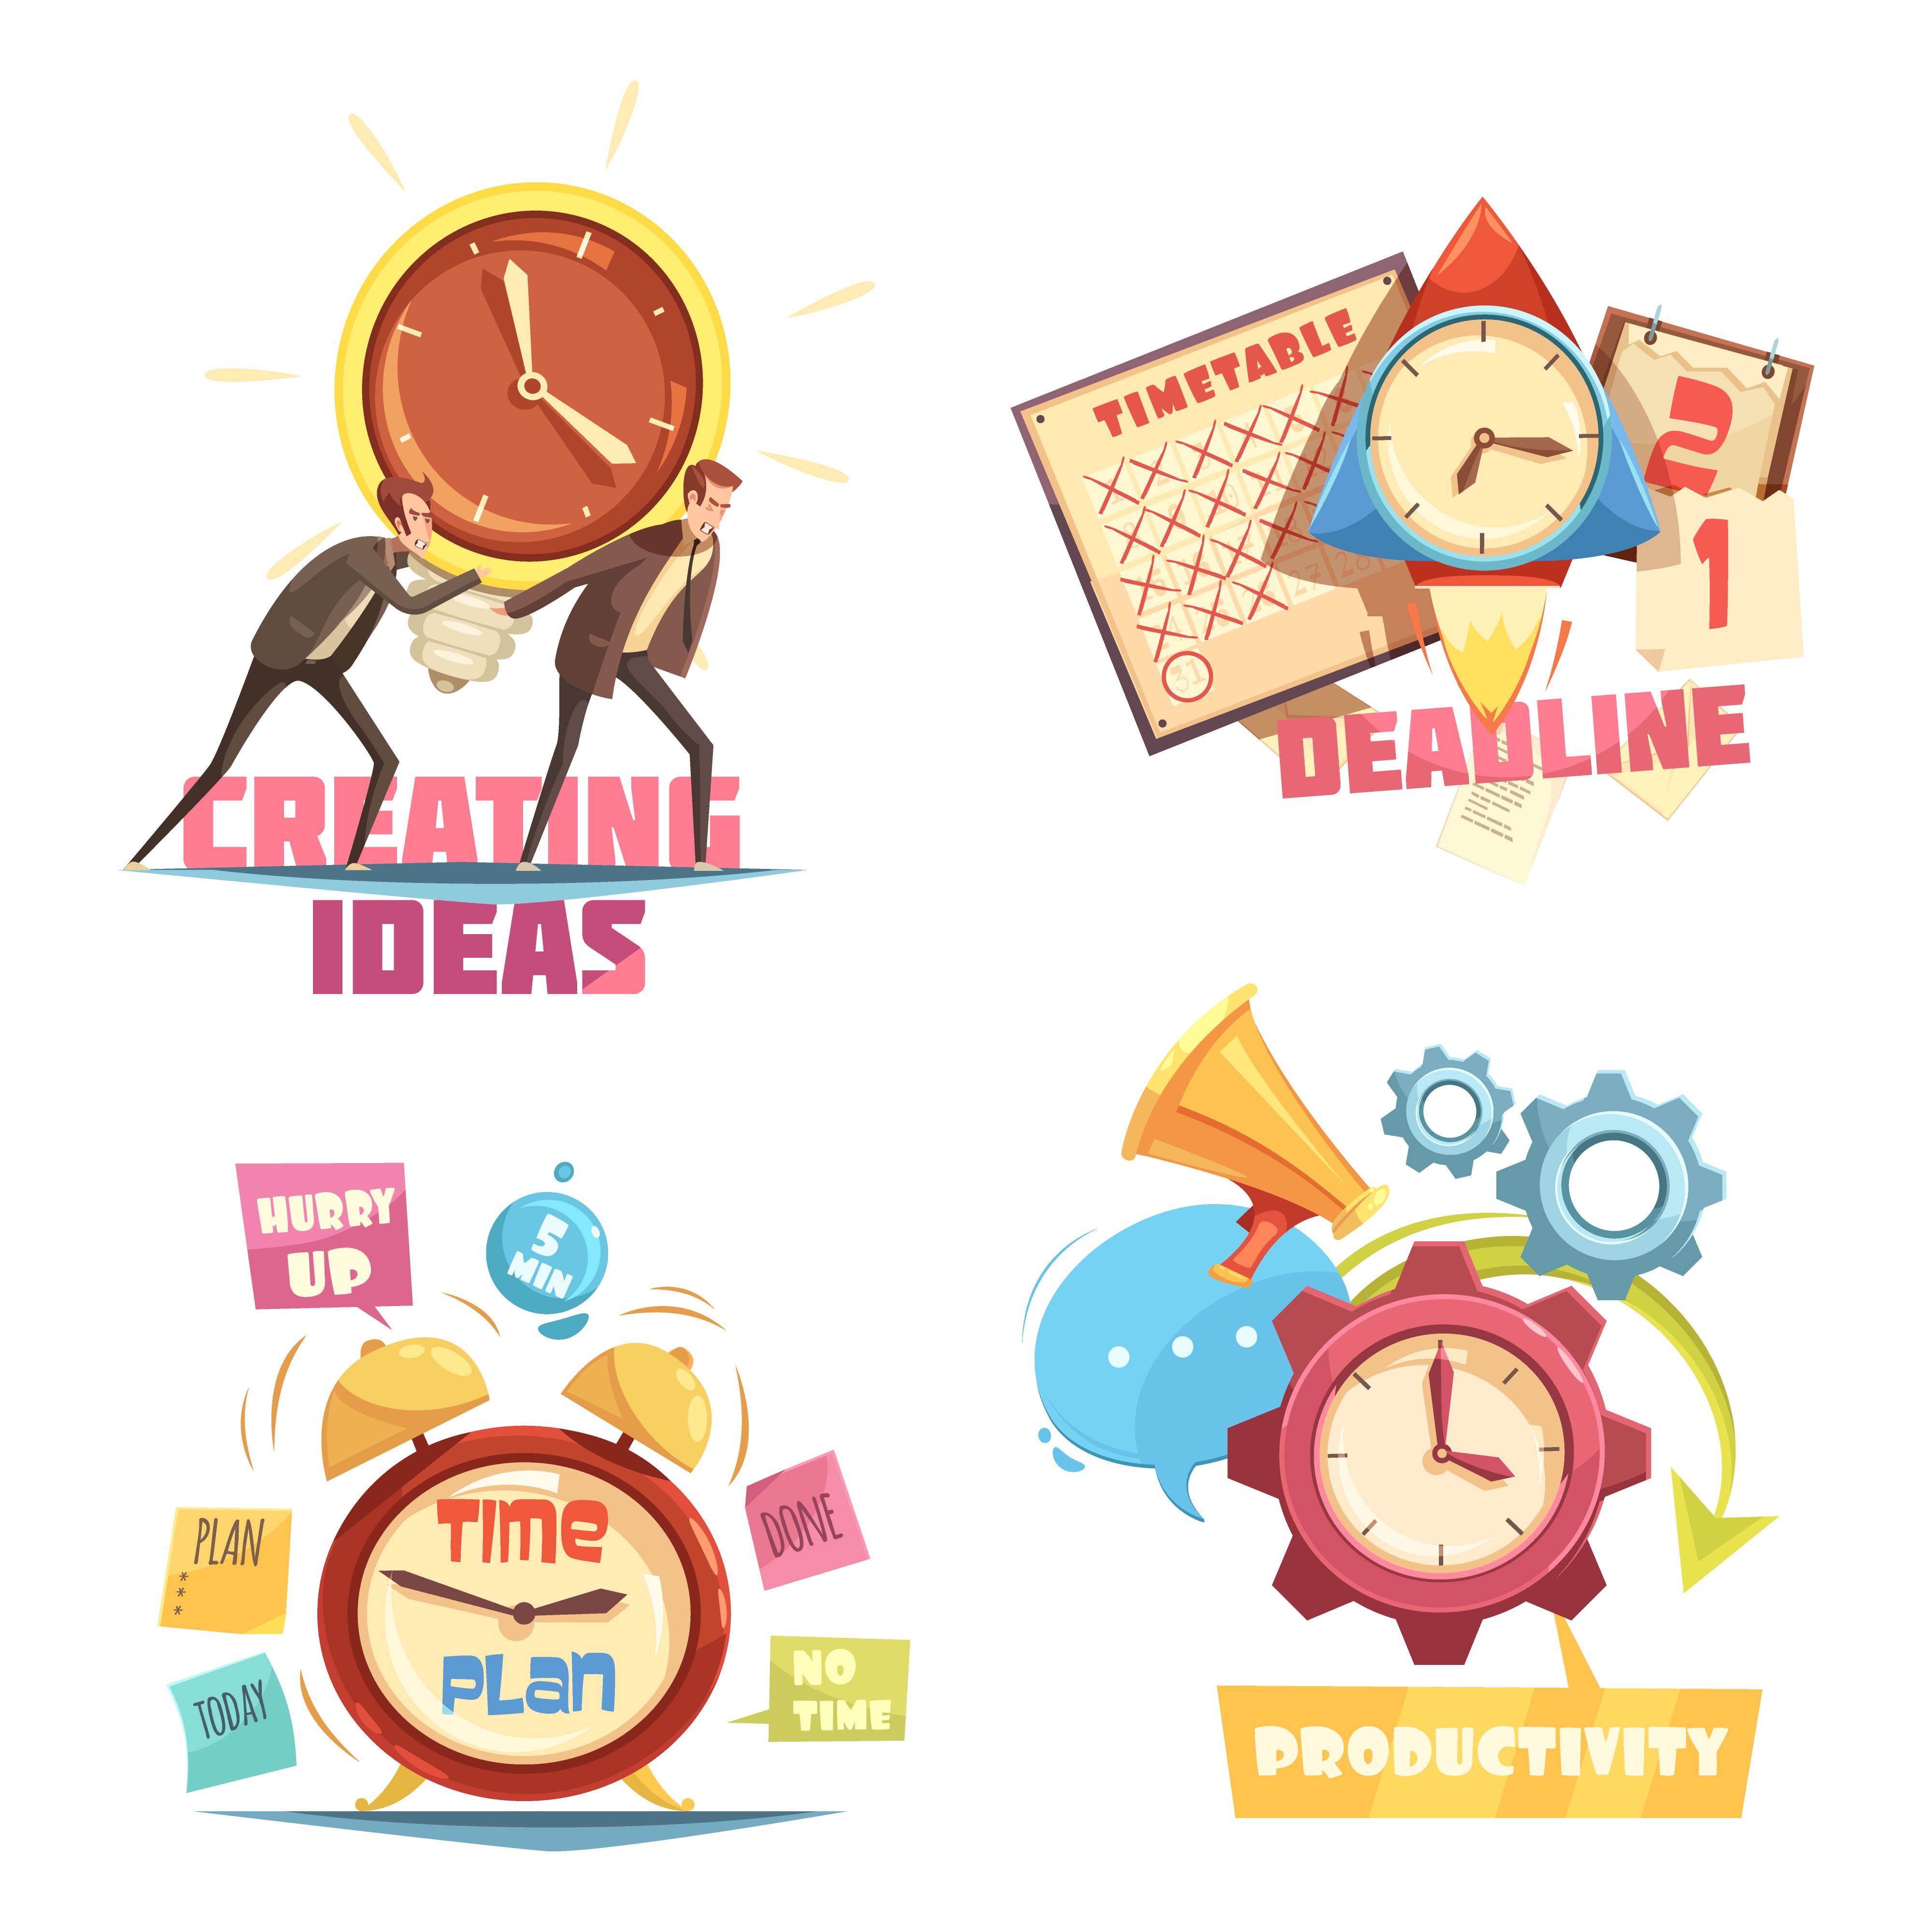 Time Management Retro Cartoon Compositions Download Free Vectors Clipart Graphics Vector Art